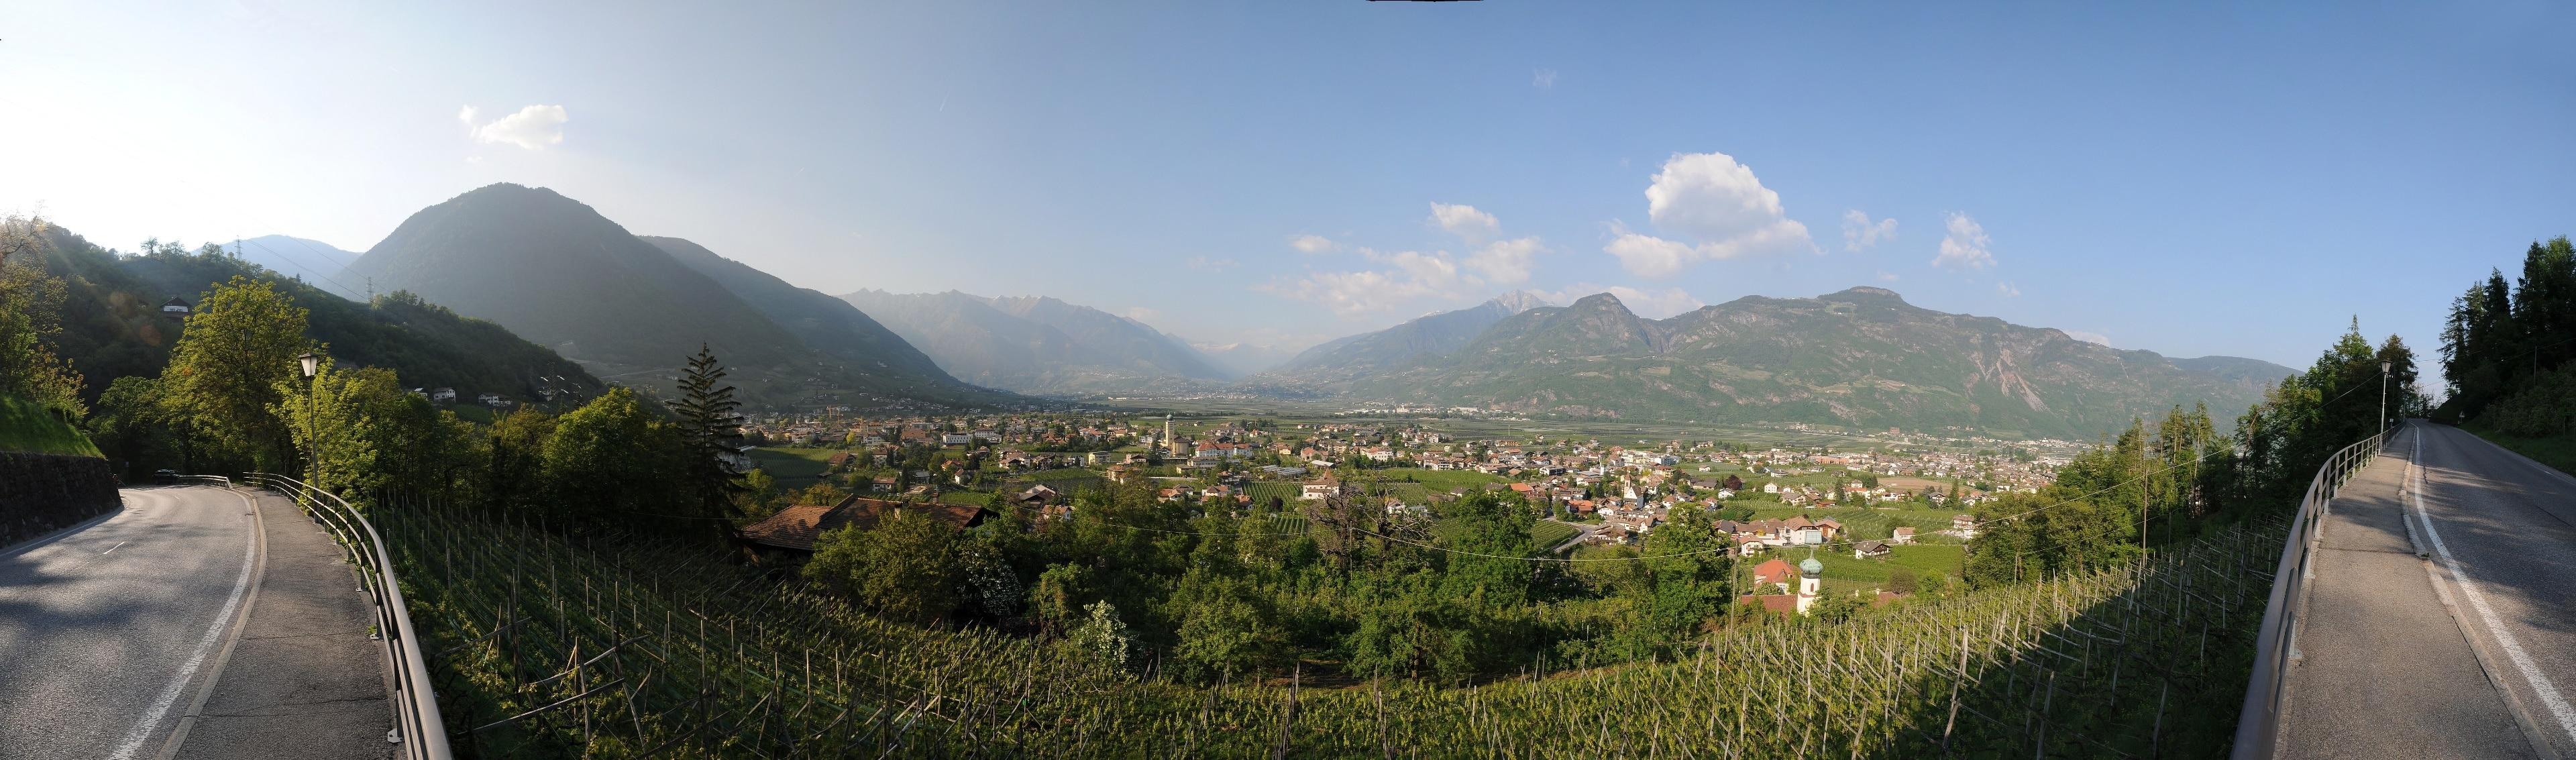 Lana, Trentino-Alto Adige, Italy